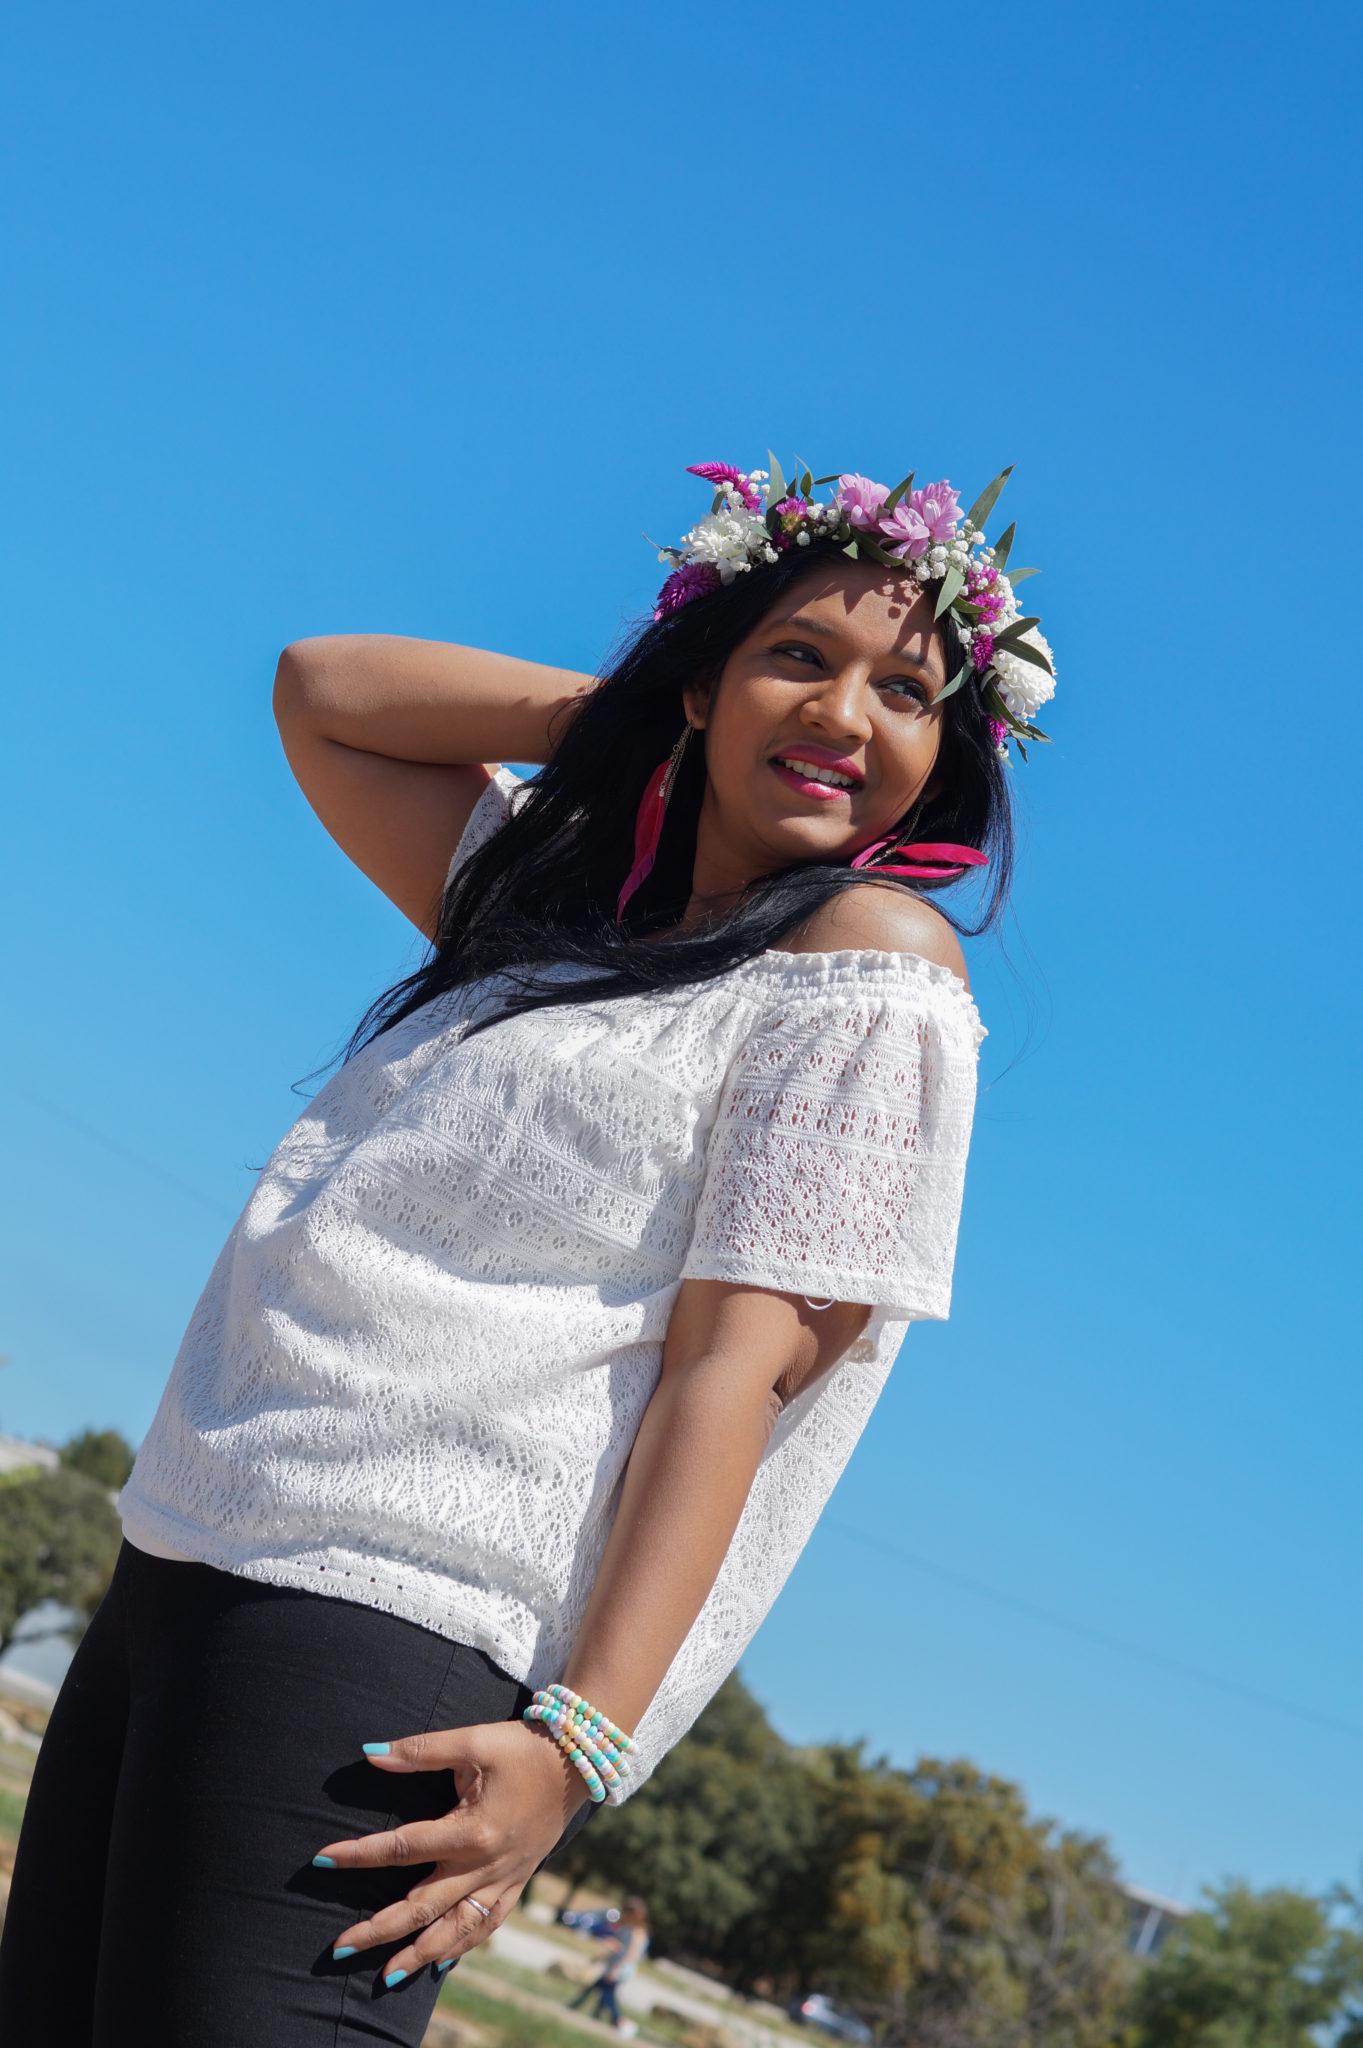 Hema_des_fleurs_et_des_bonbons_swatch_caramelissima